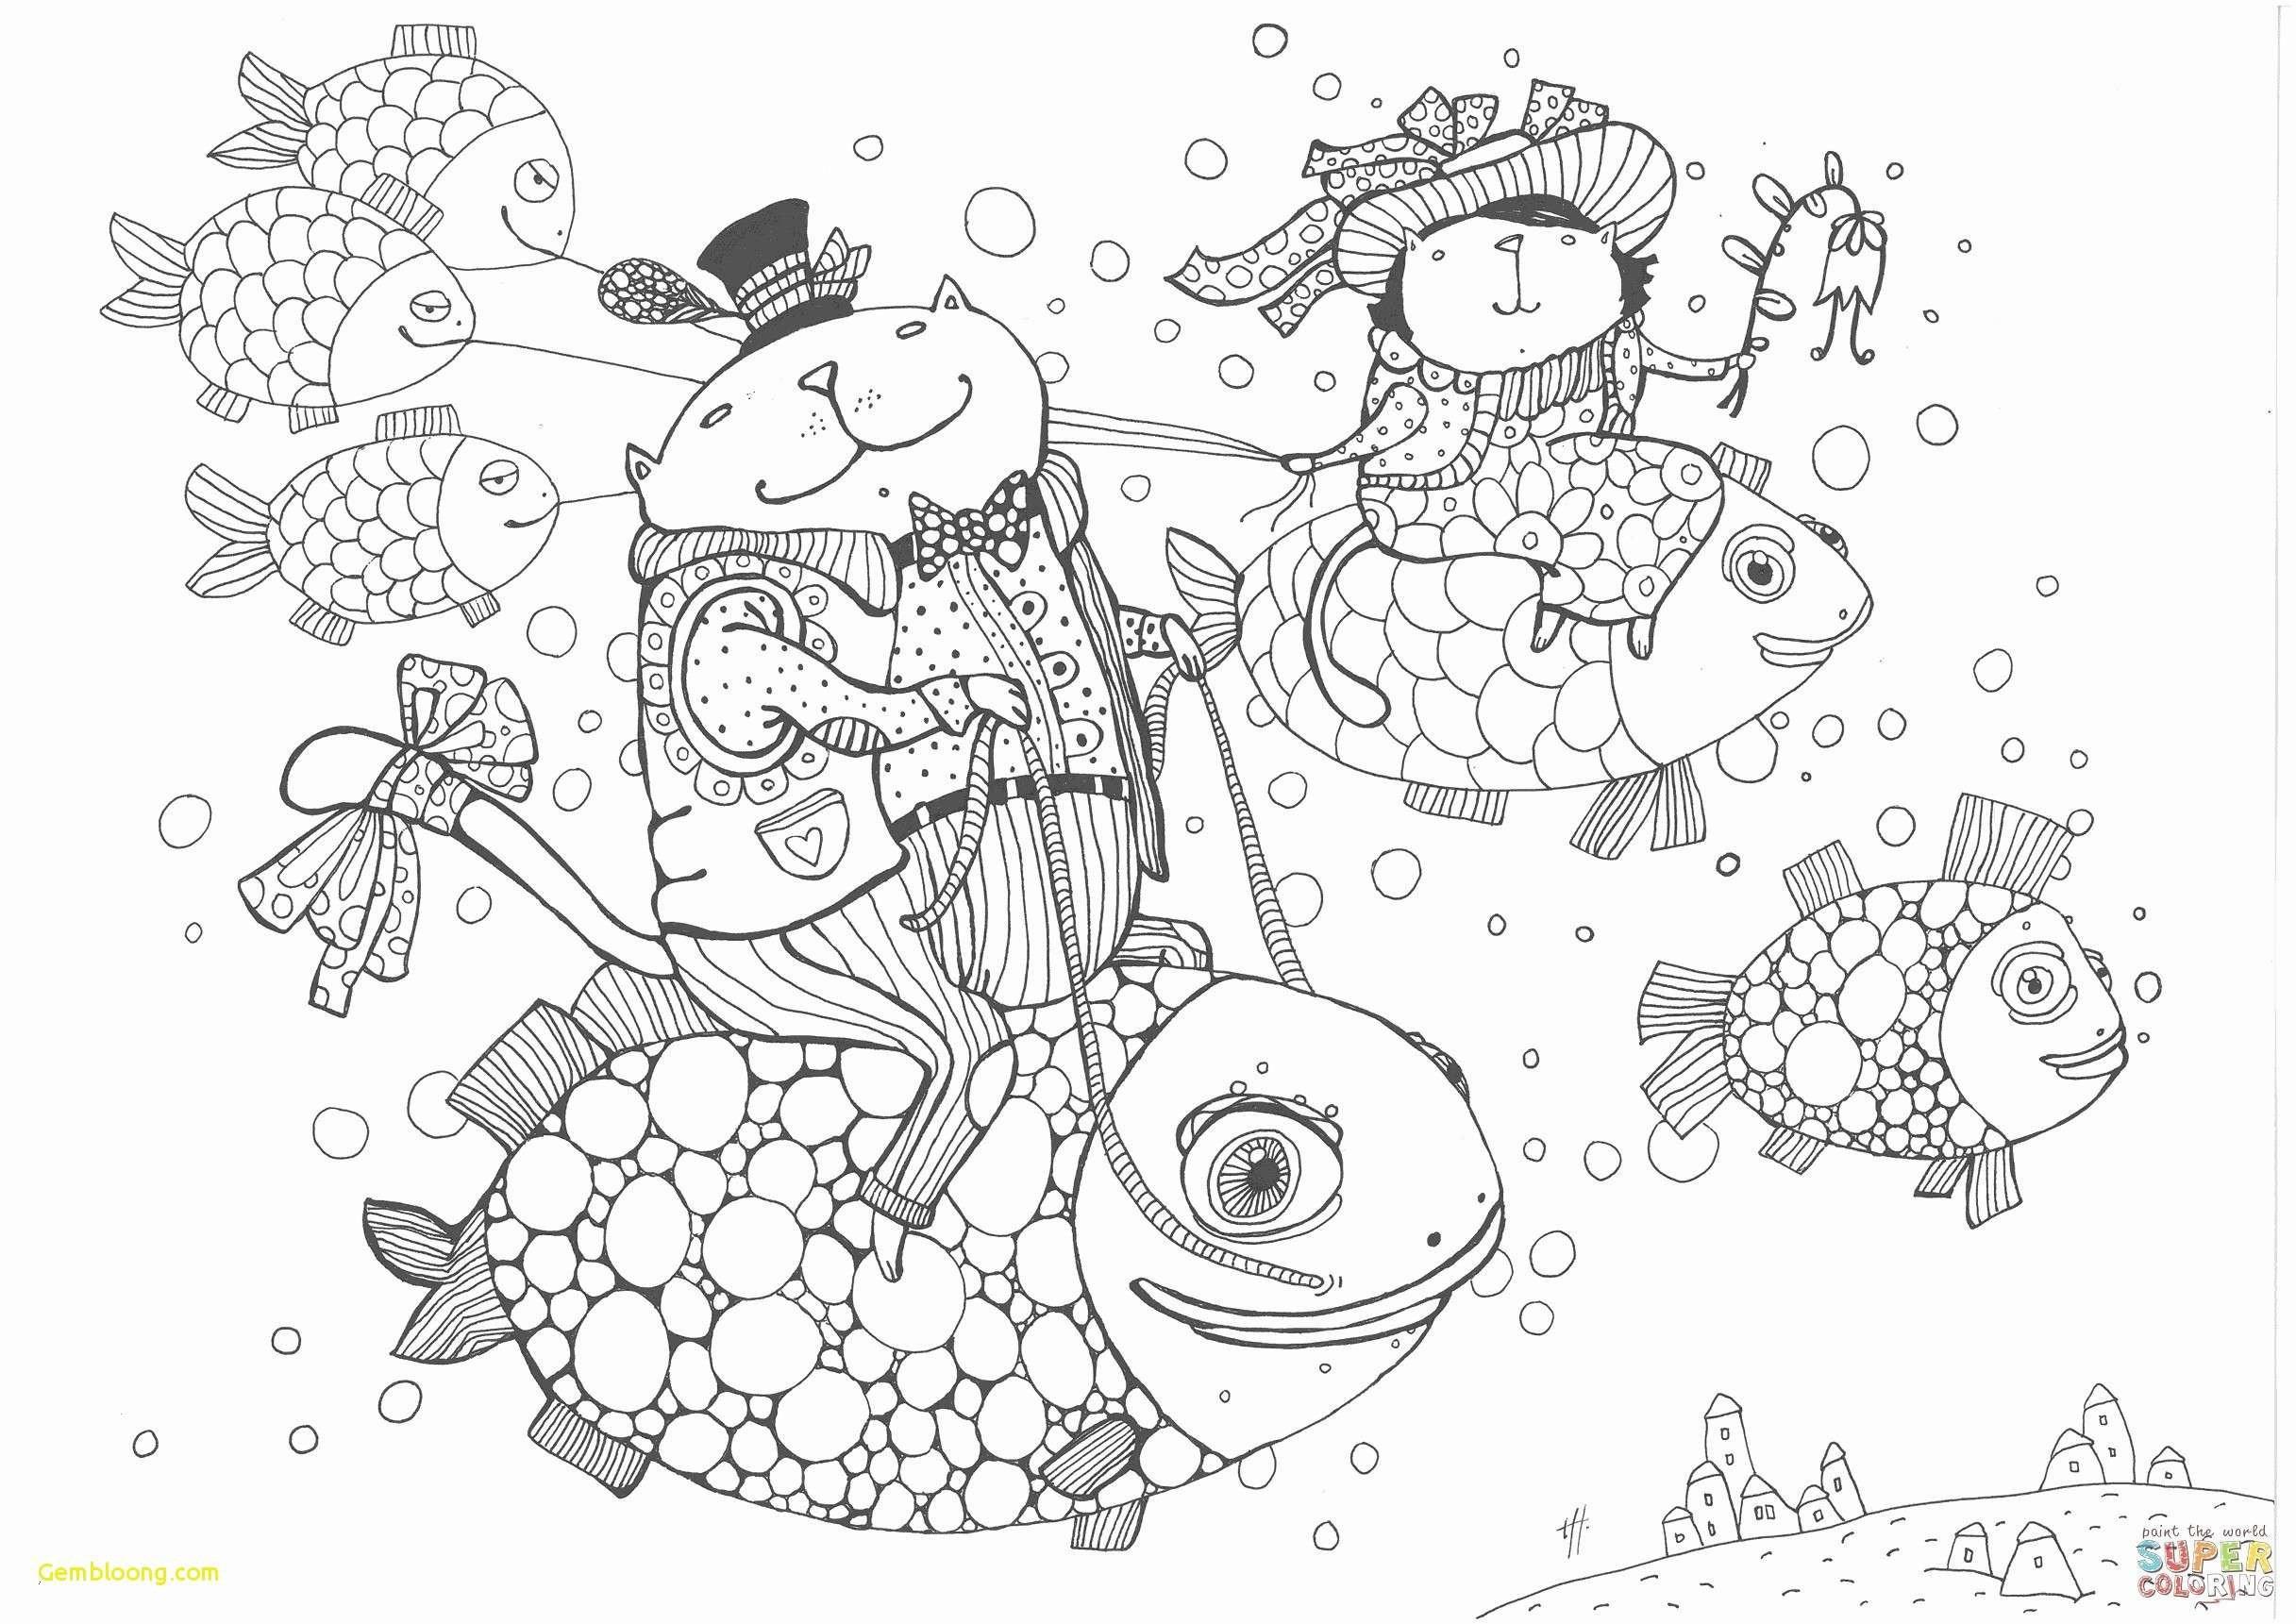 Hase Malen Vorlage Neu 40 Ausmalbilder Erdbeere Scoredatscore Genial Hase Ausmalbilder Zum Das Bild